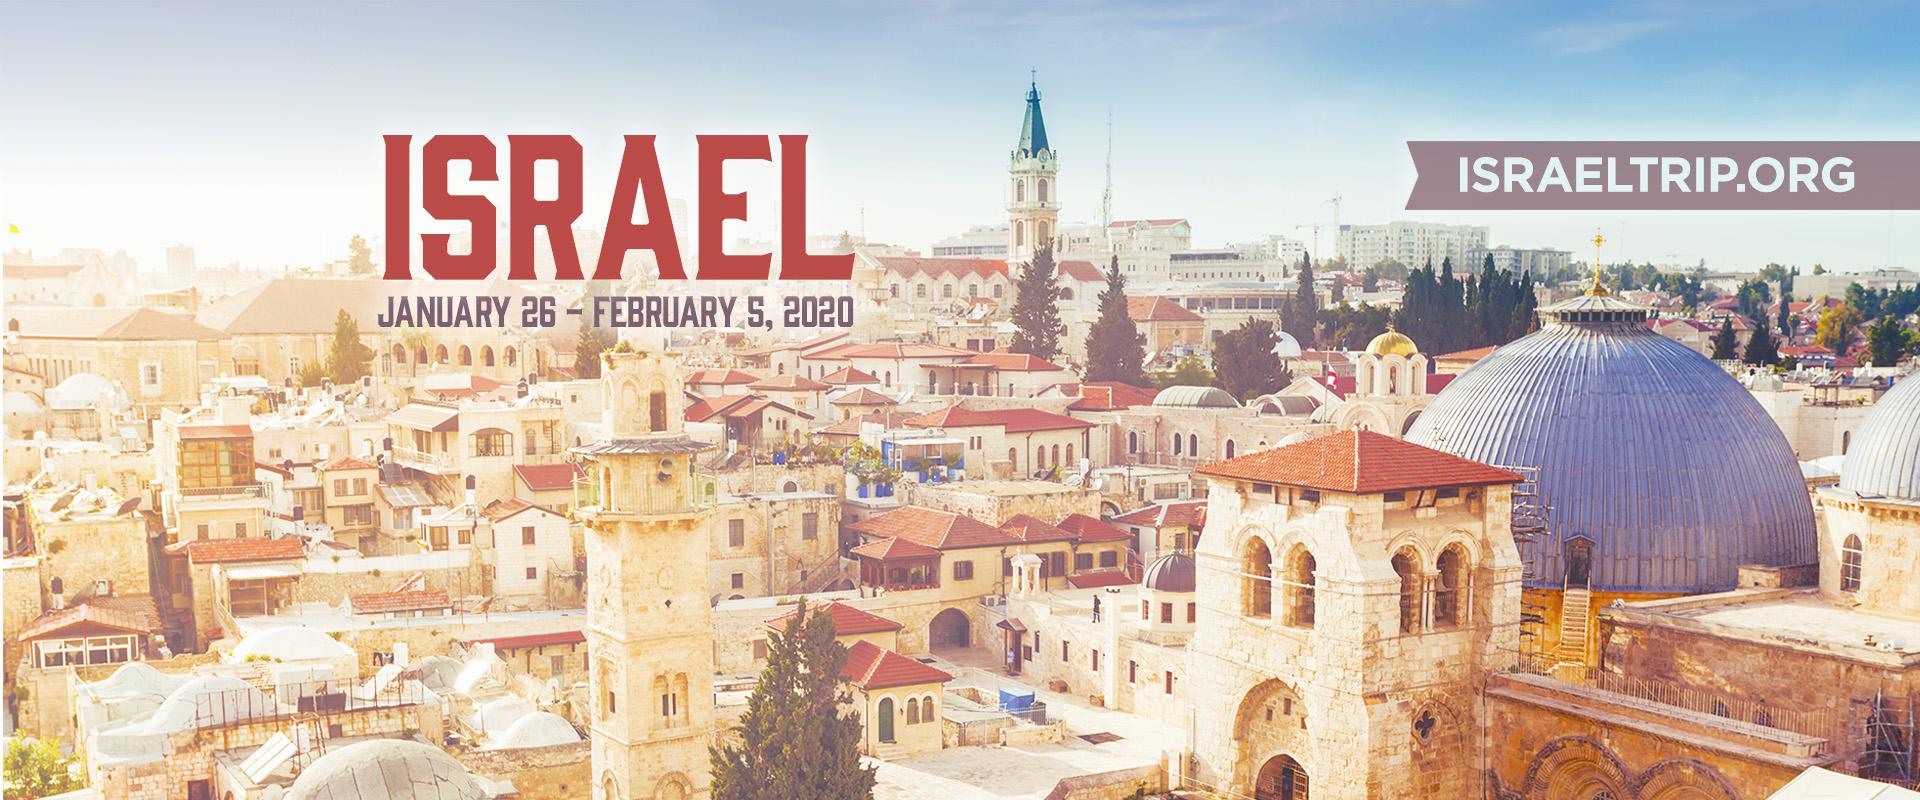 Israel Trip 2020 slide